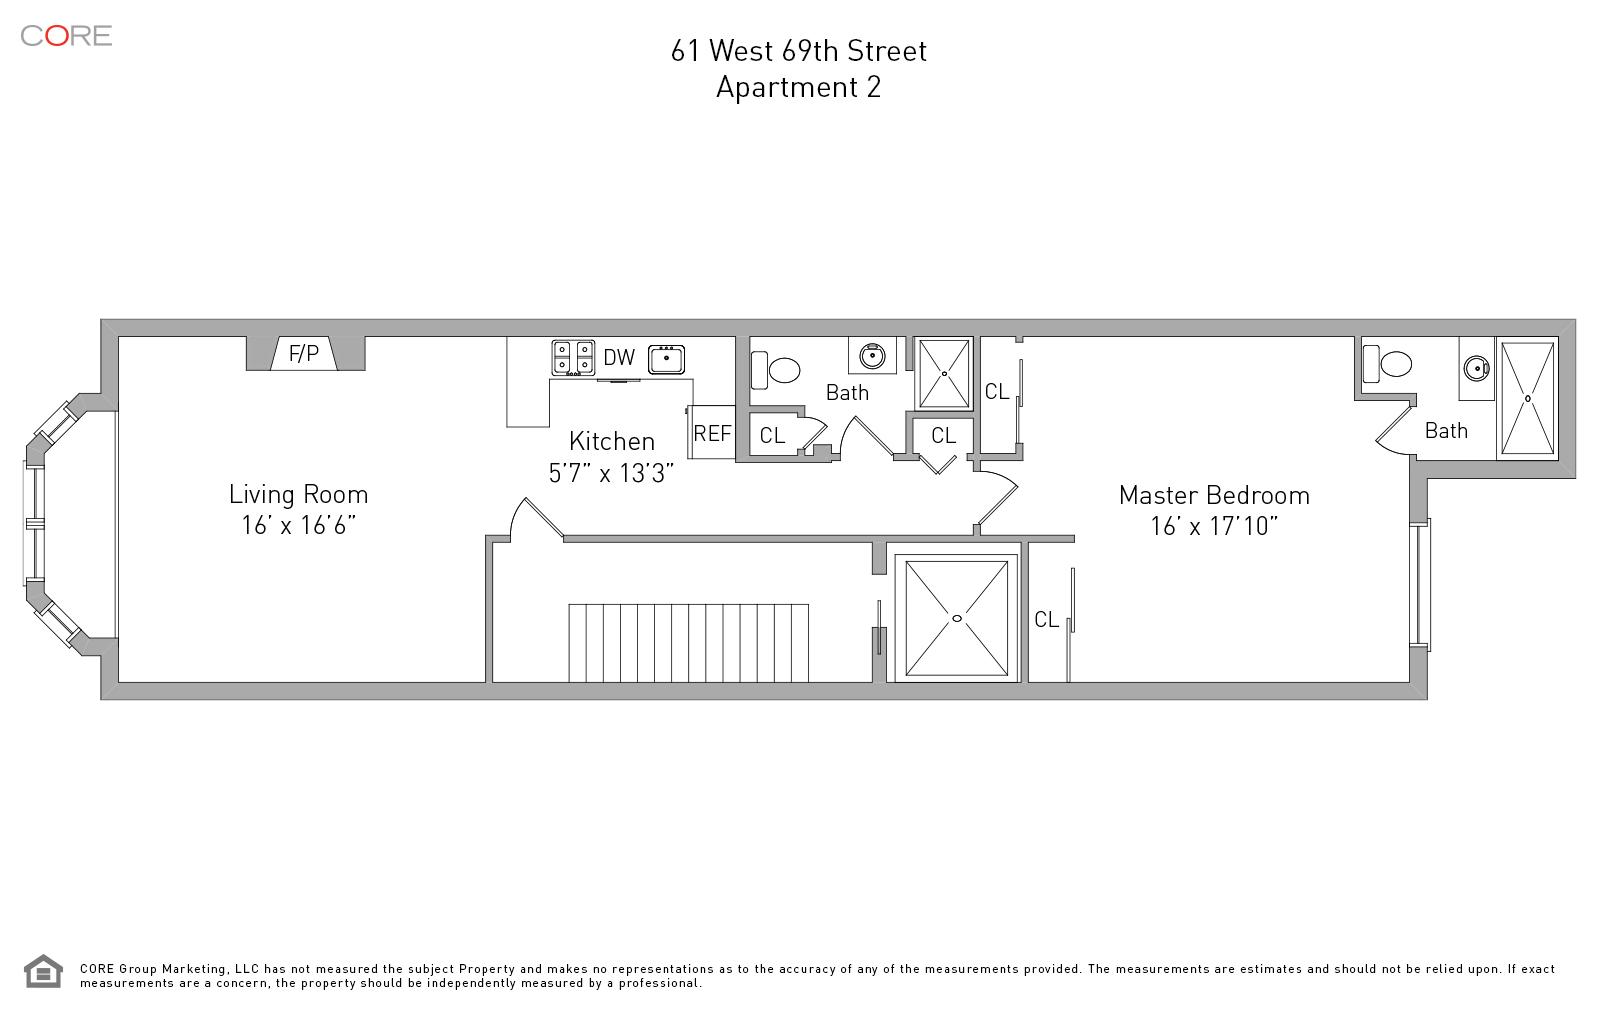 61 West 69th St. 2, New York, NY 10023